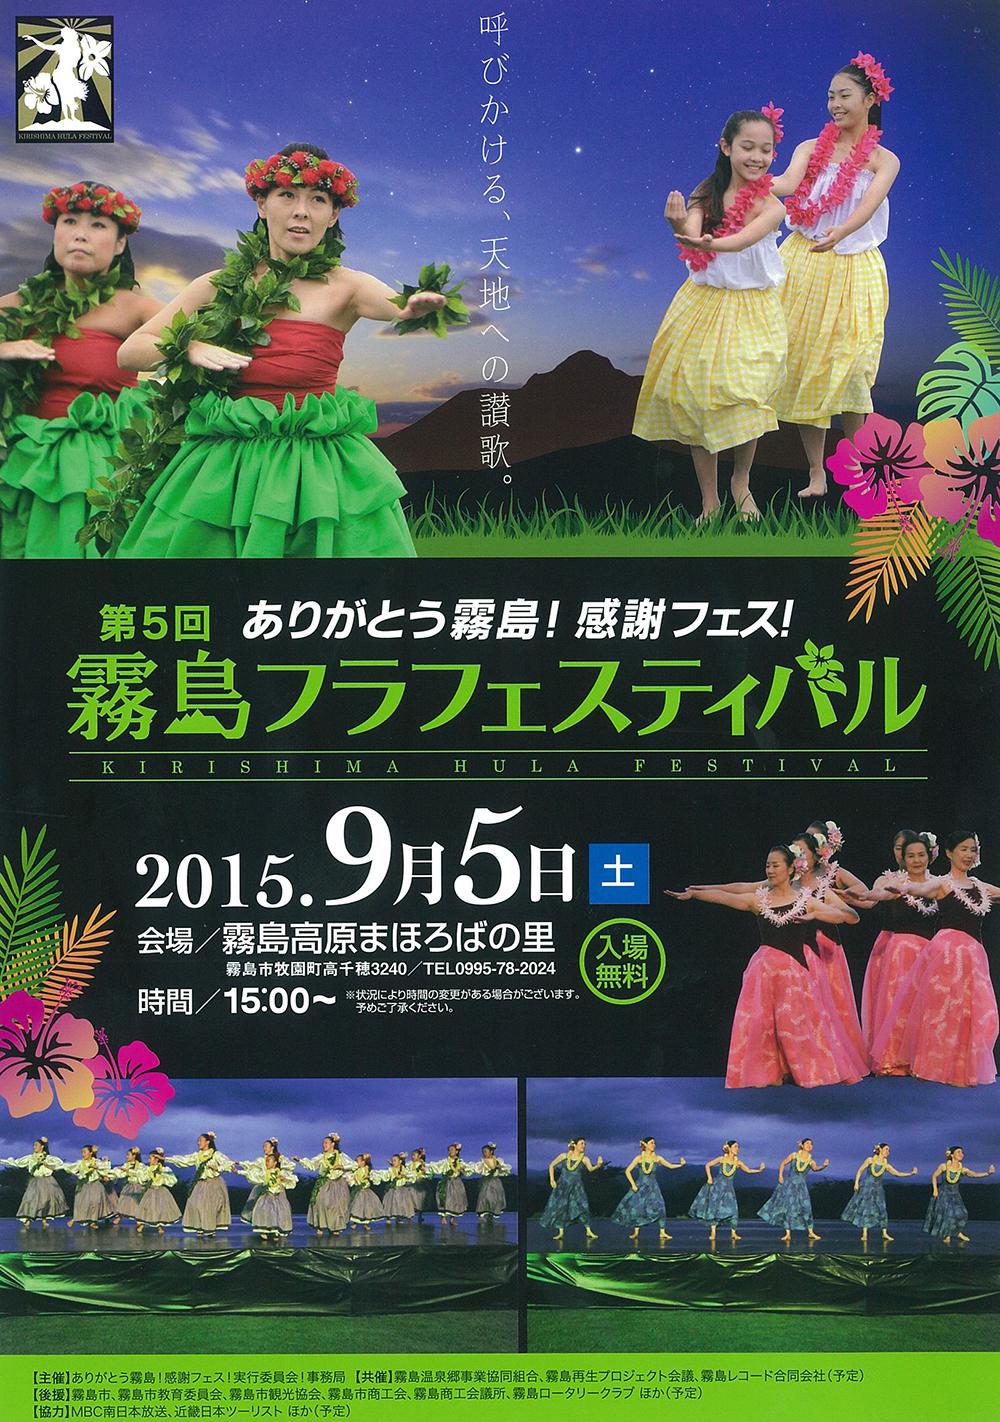 第5回霧島フラフェスティバル